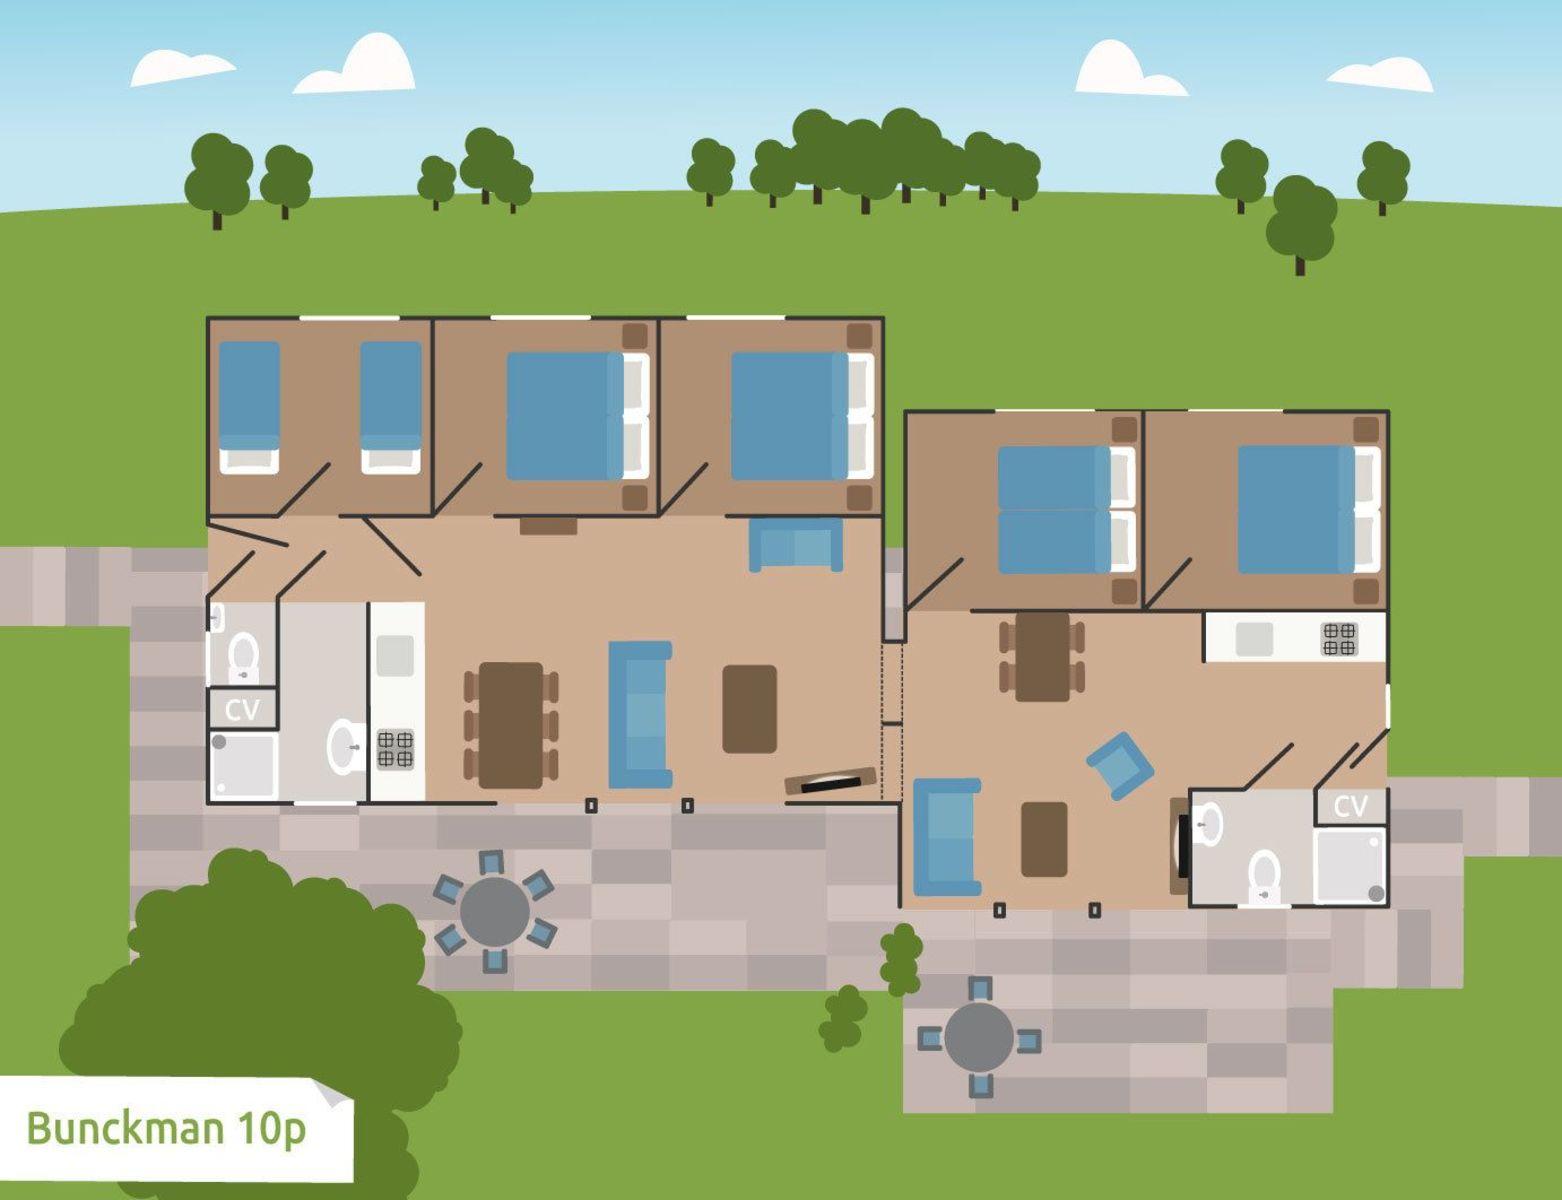 Bunckman 10-persoons bungalow